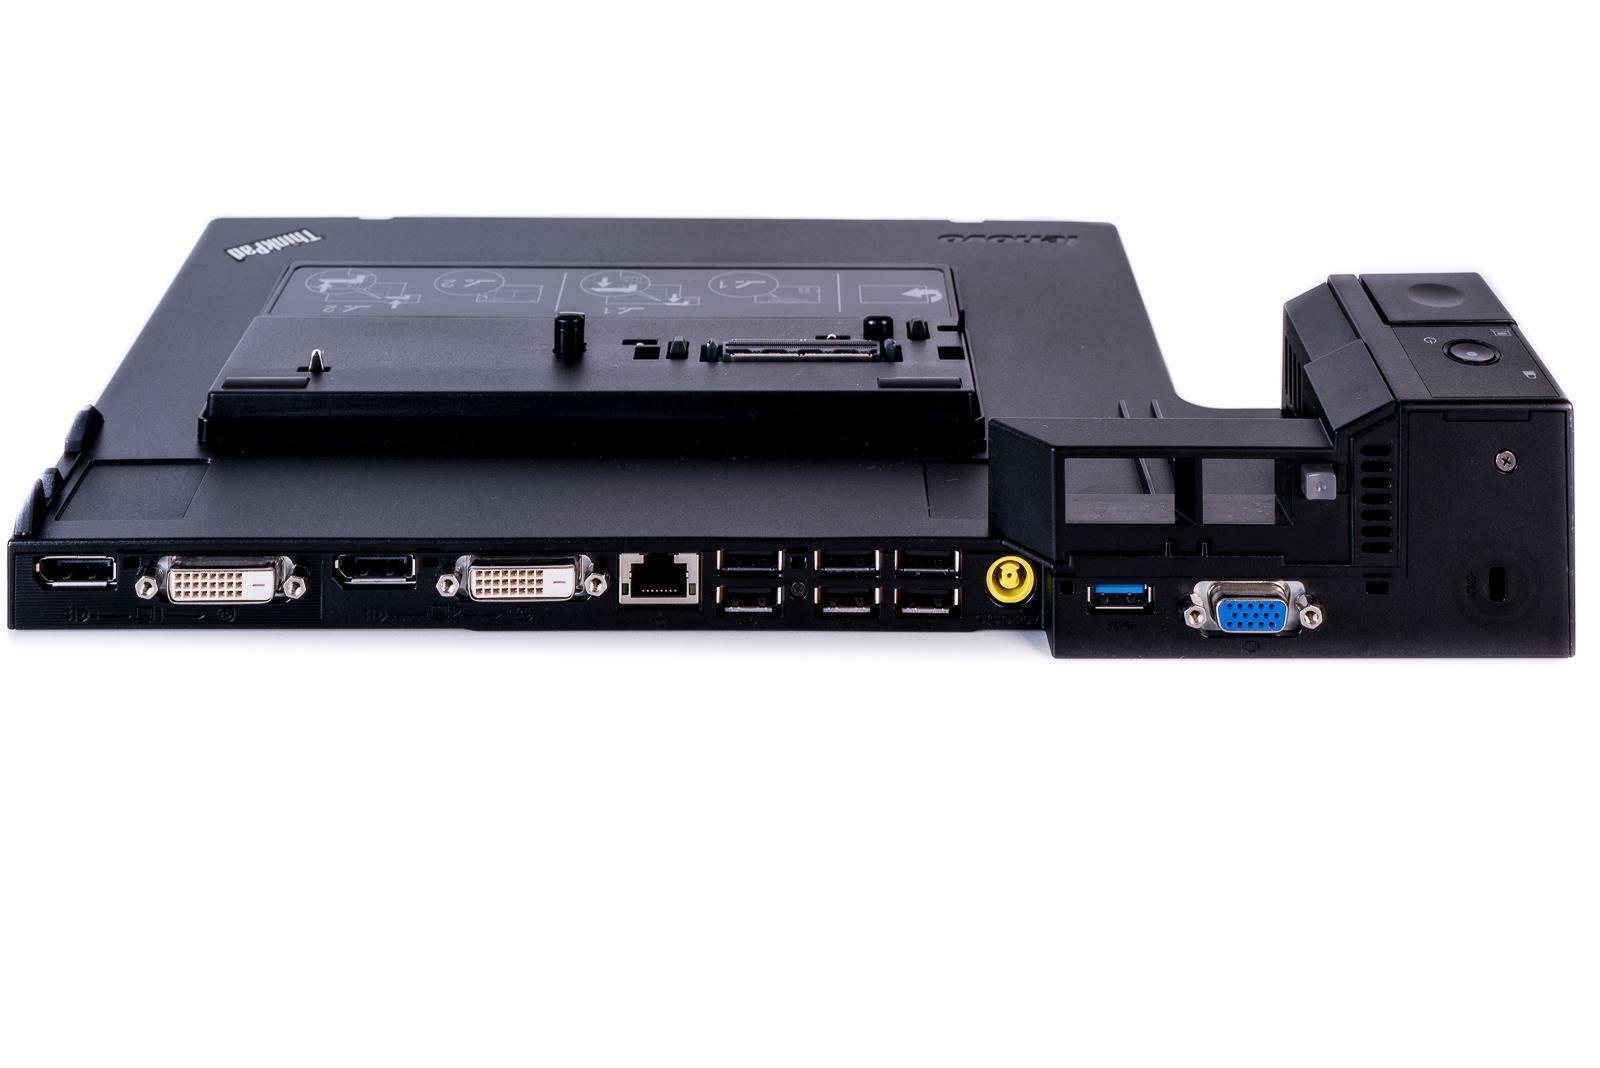 T410i A-WARE T510i T410 T420si Lenovo ThinkPad Mini Dock Series 3 Type 4337 ohne Schl/üssel f/ür ThinkPad T400s T510 T420s T410si T420i T410s T420